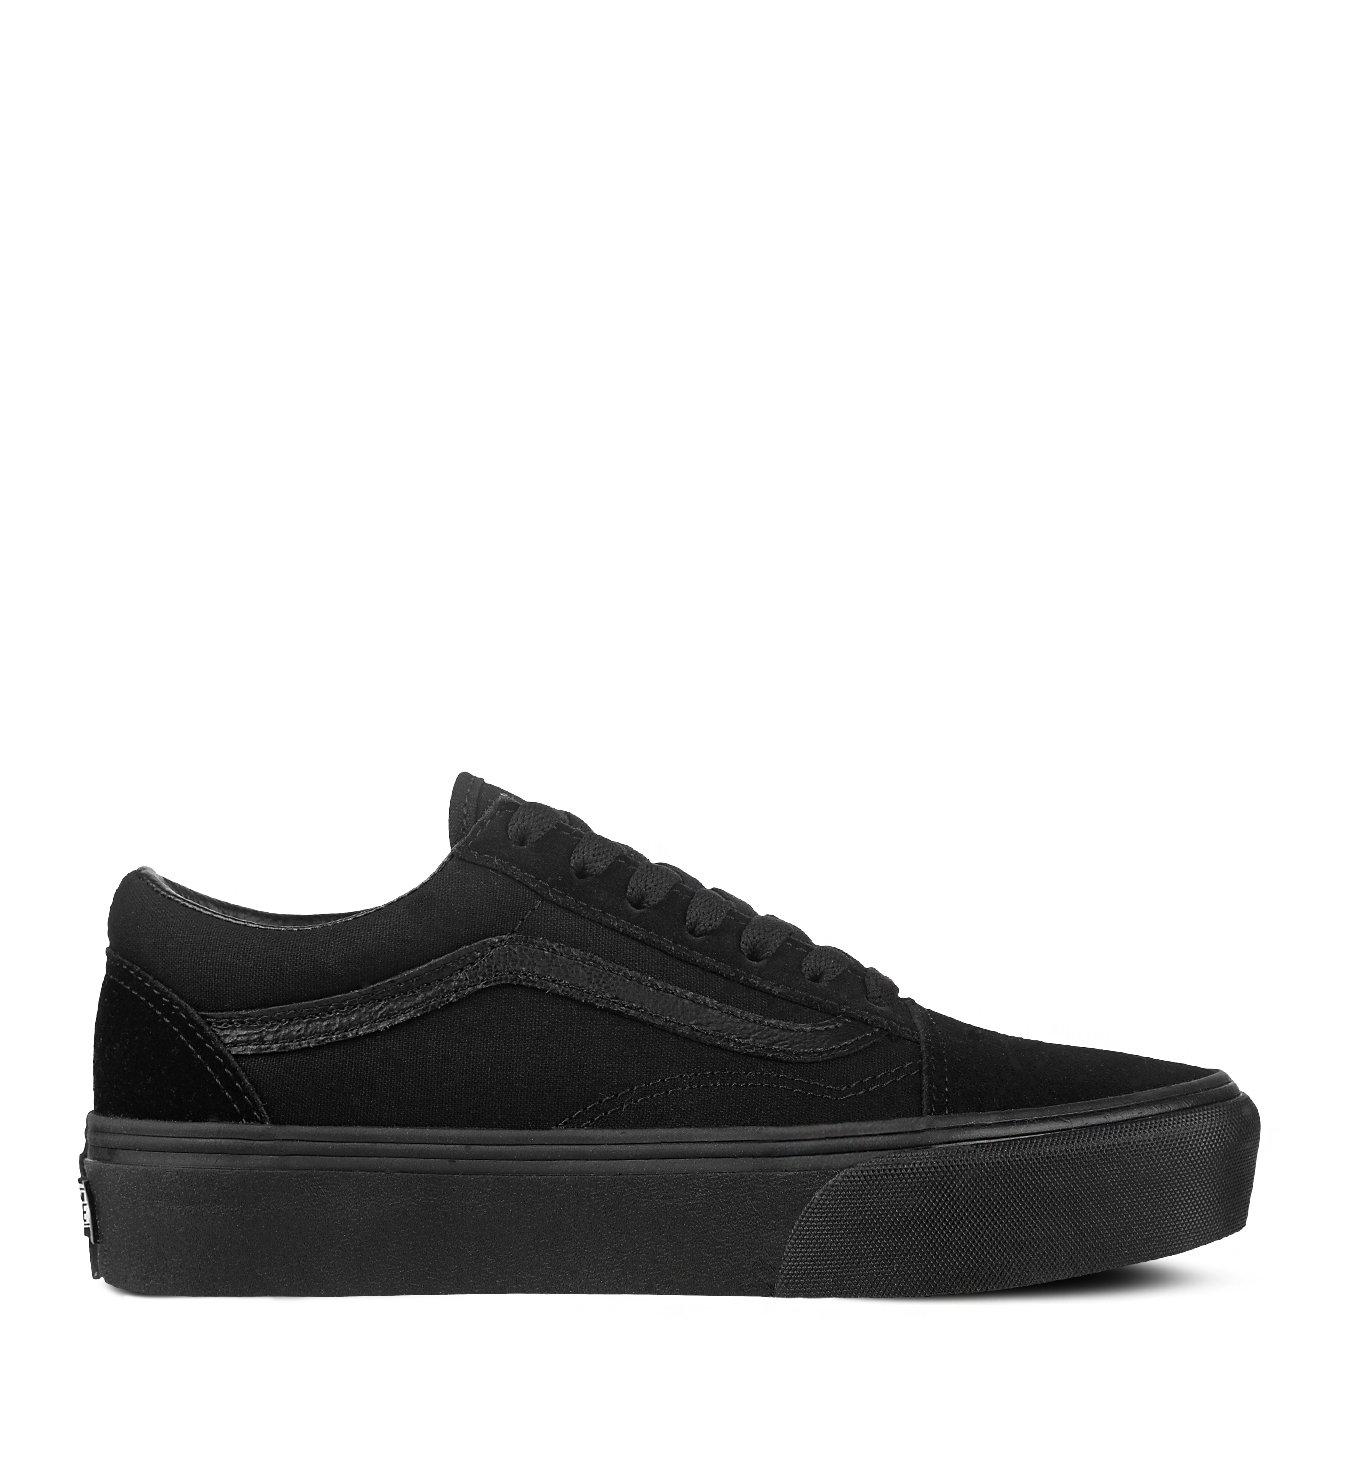 Vans Old Skool Platform Black Black